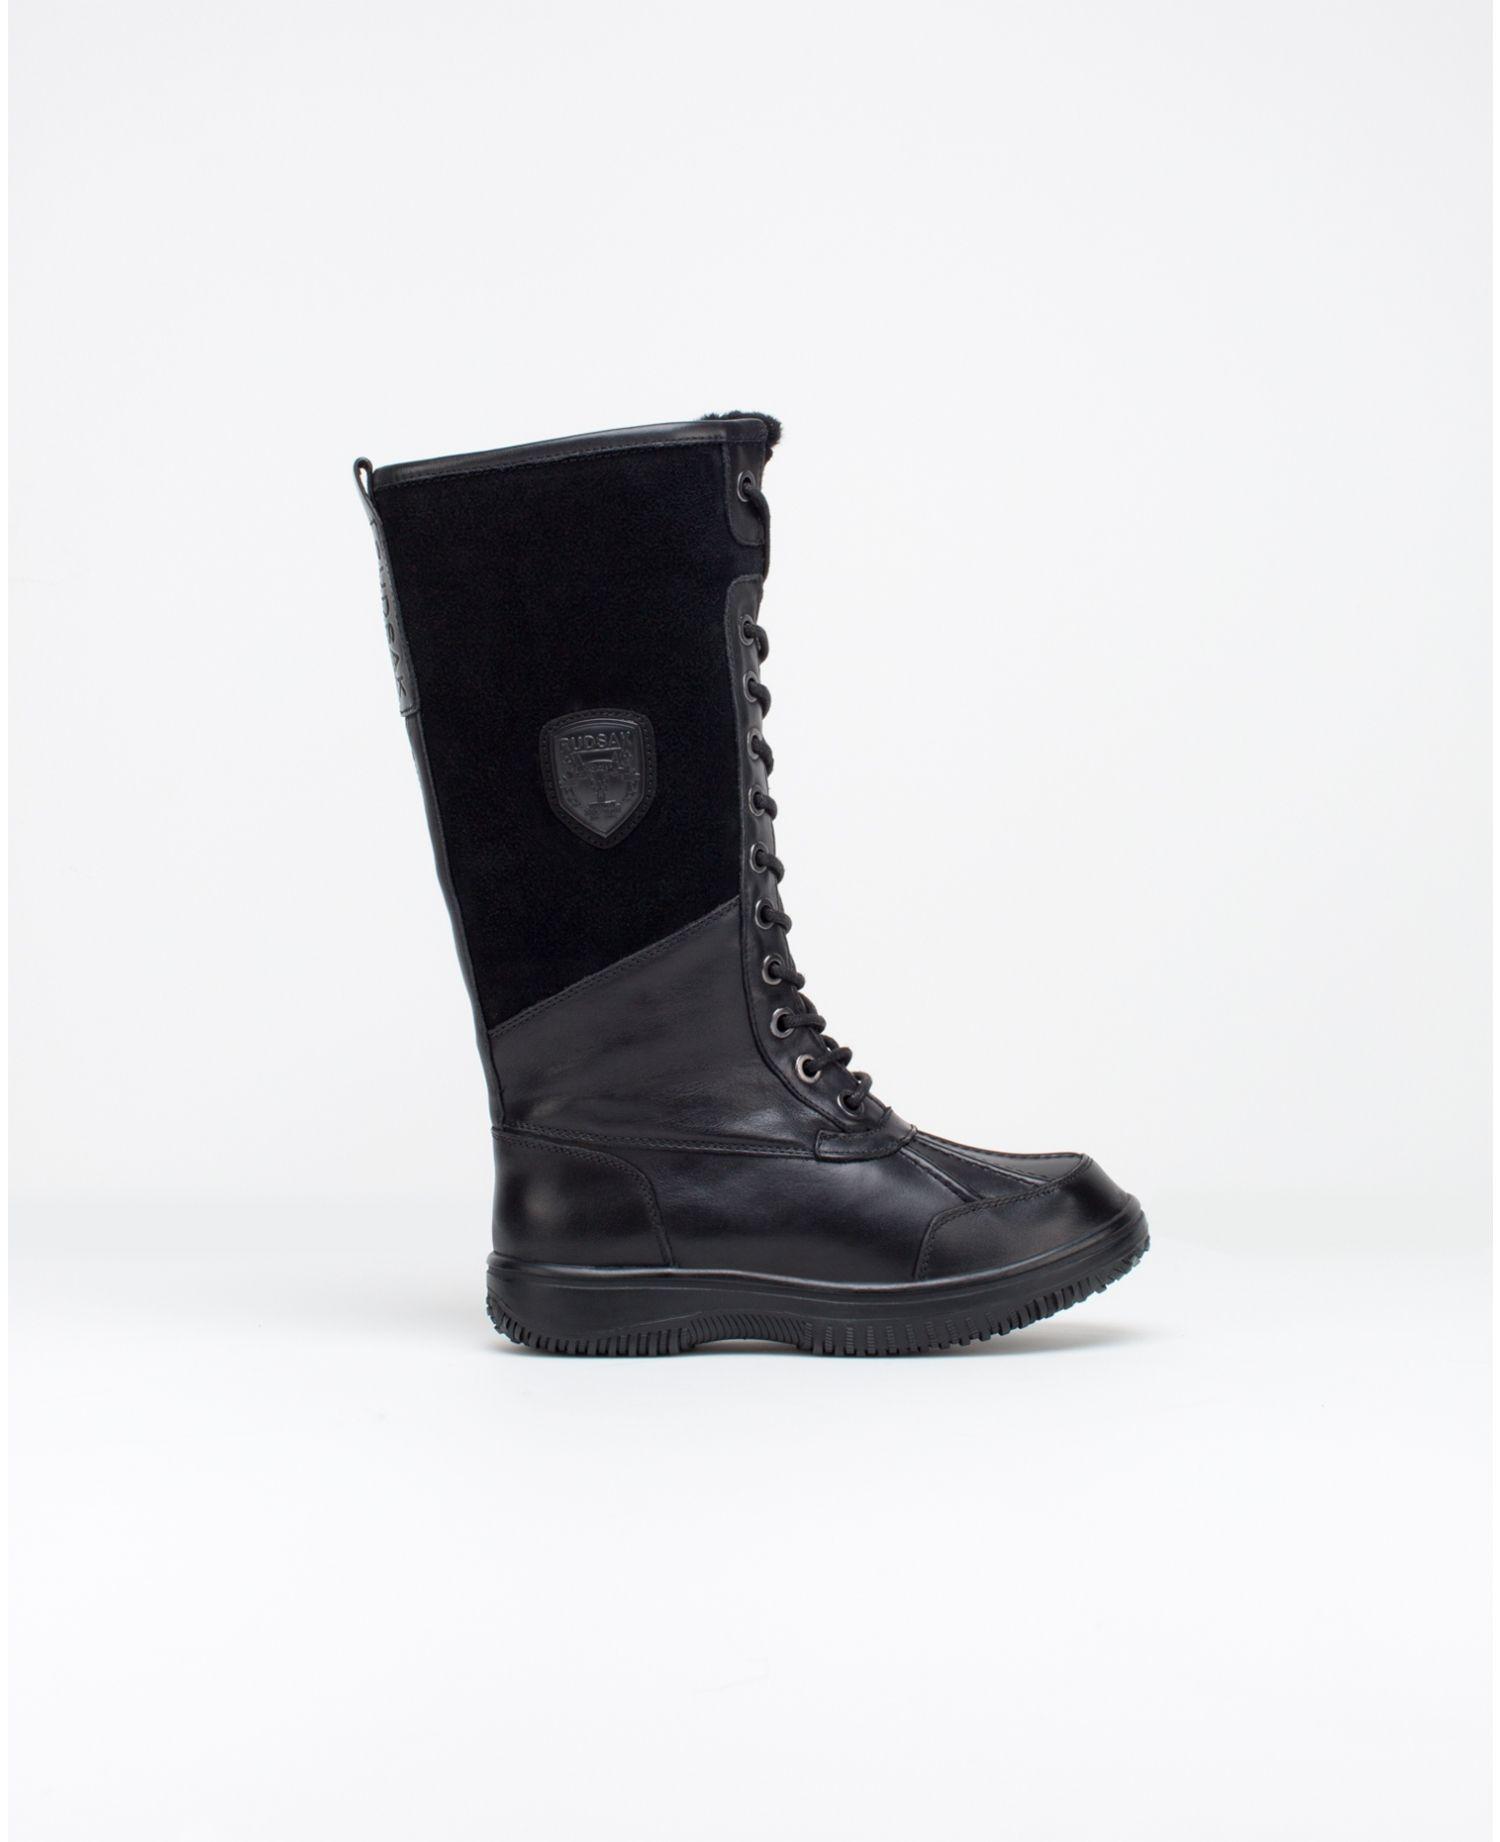 bottes hiver femme noir